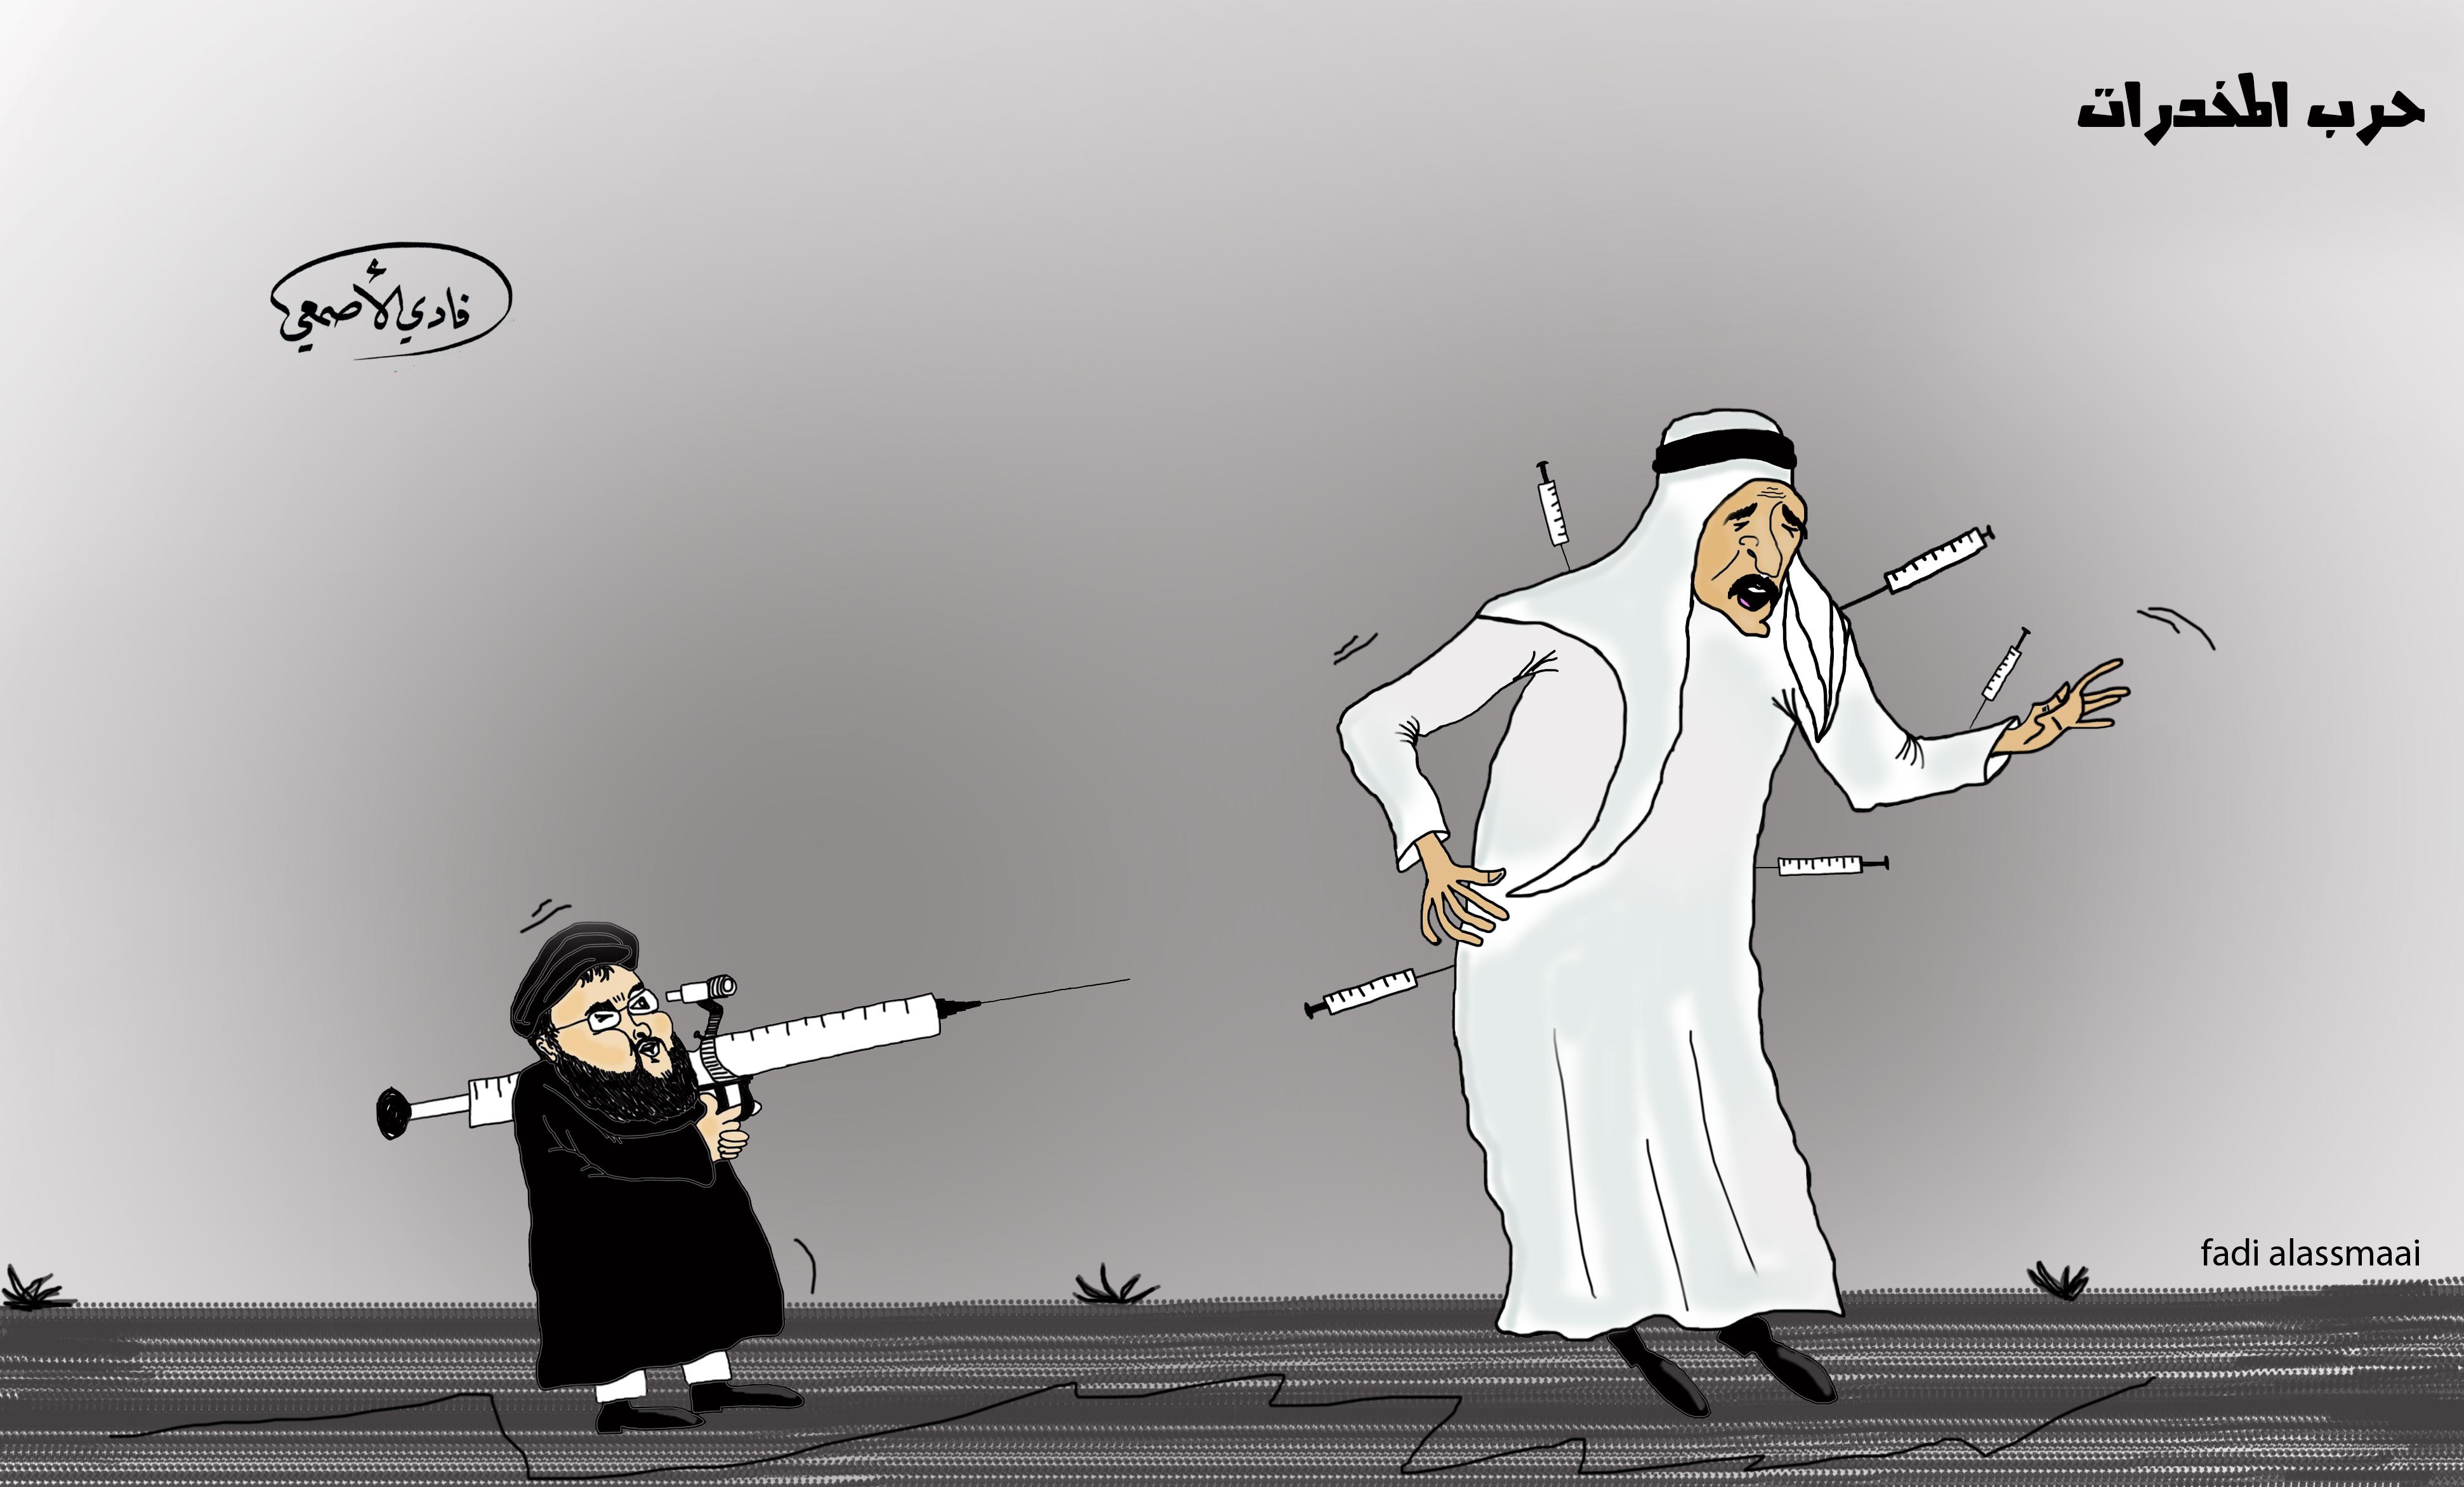 كاريكاتير: حرب الكبتاغون بين السعودية وحزب الله(خاص بالسوري اليوم)